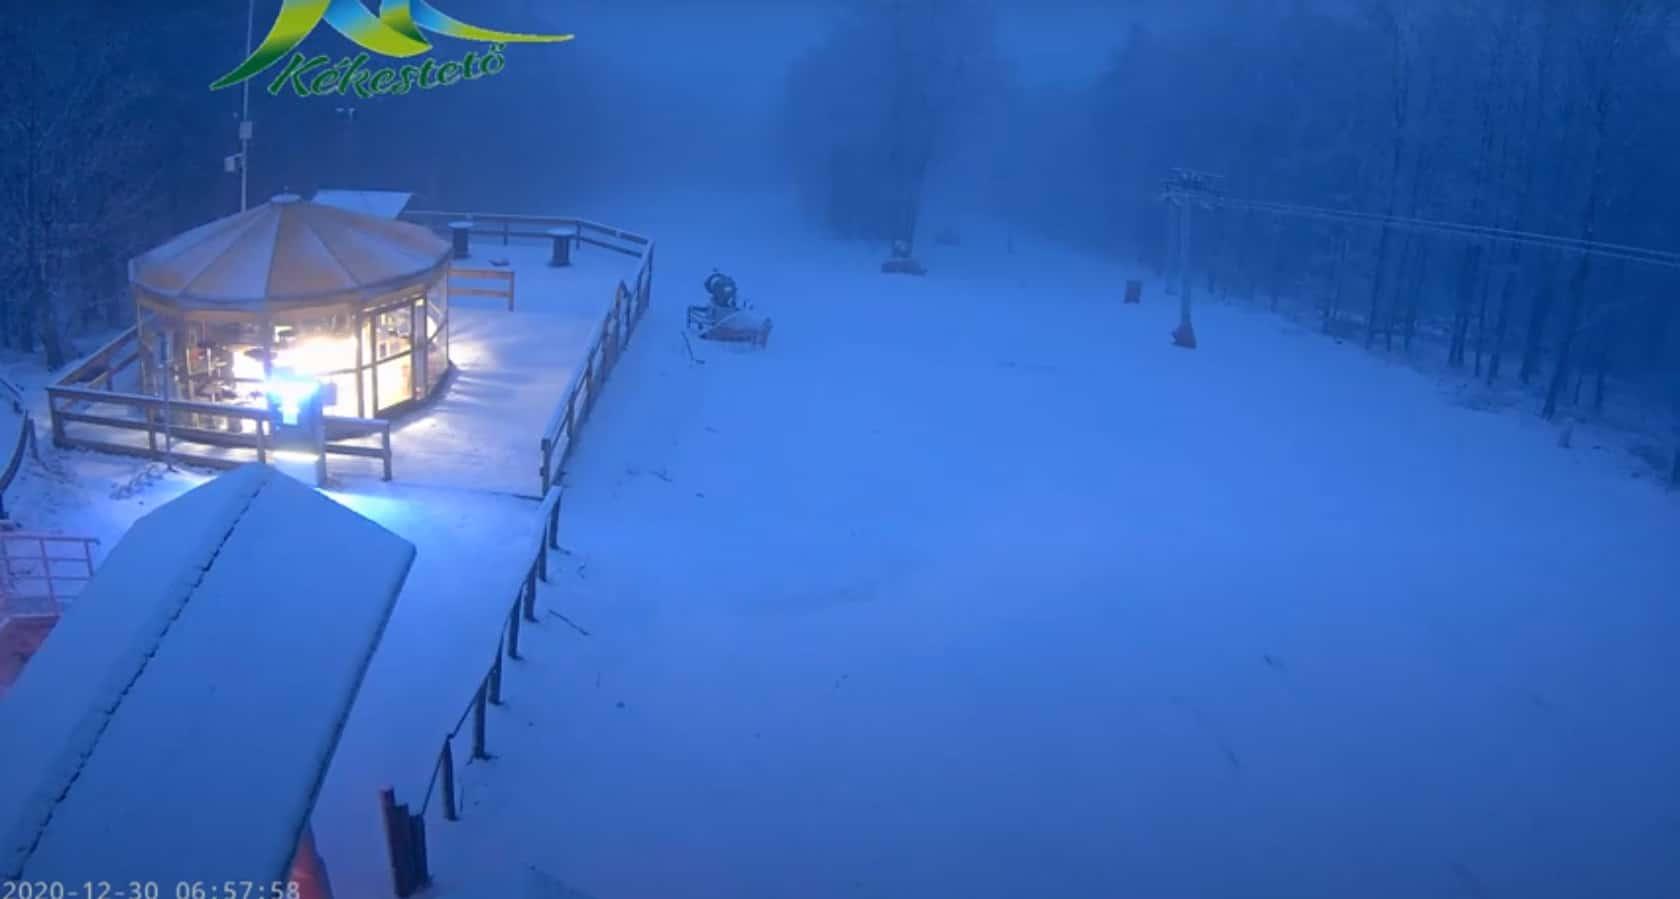 Havazik Kékestetőn! 6